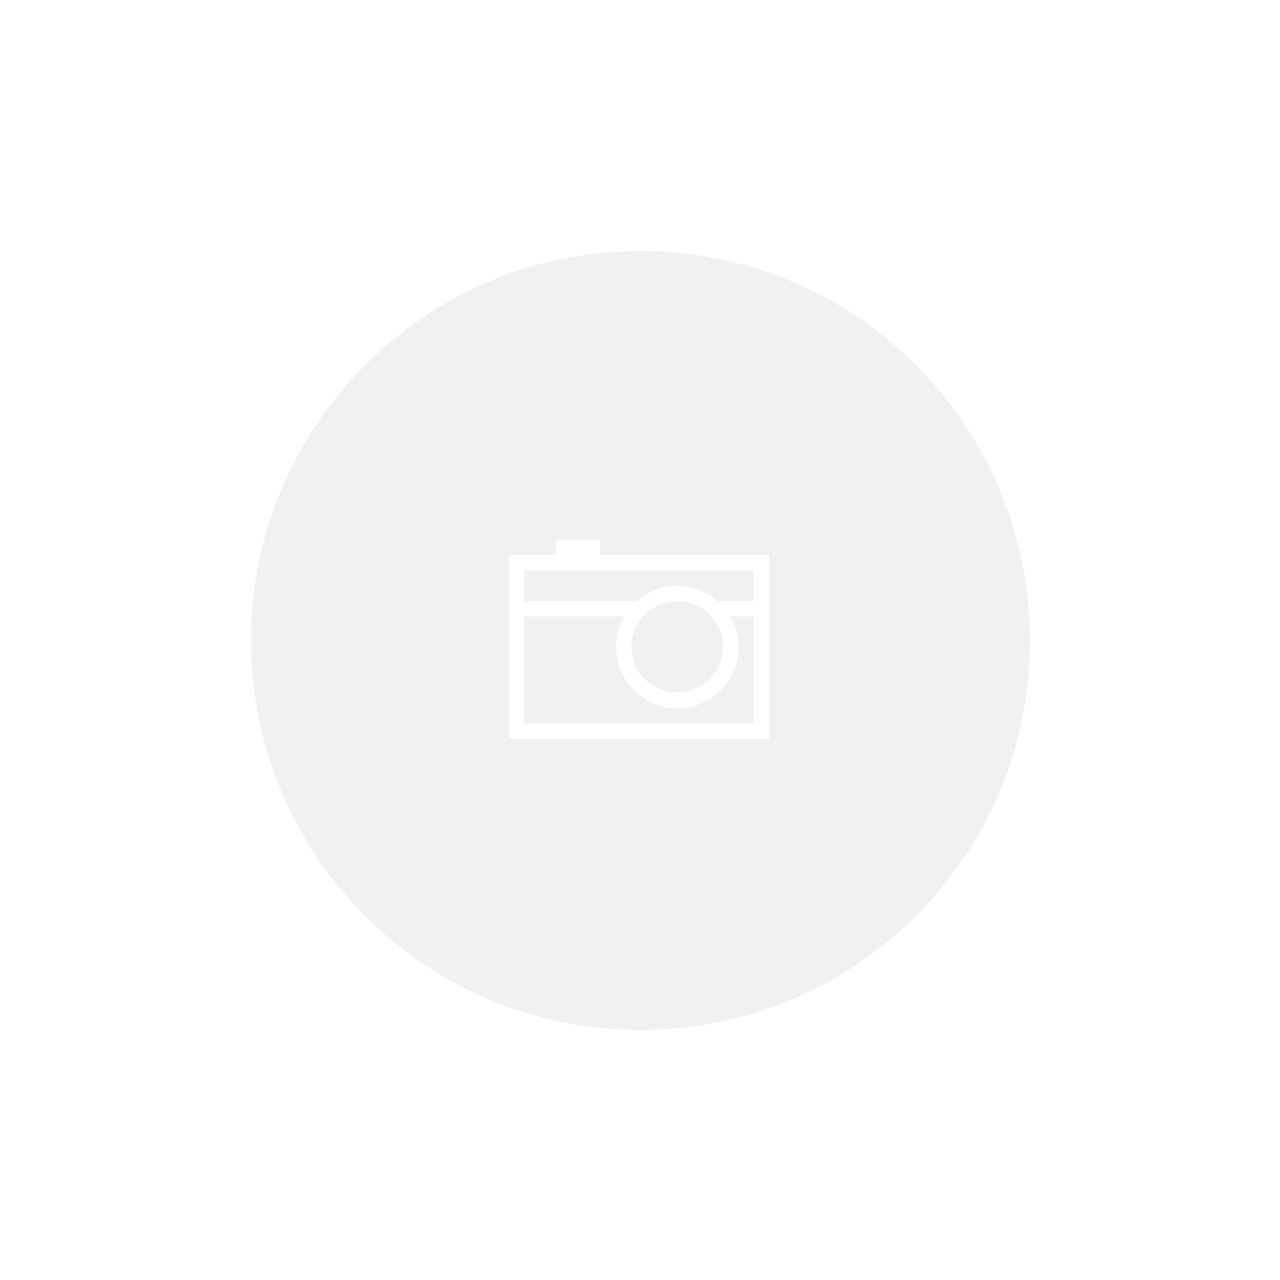 KIT - Camiseta + Calção Dryfit - Sublimação com escudo PATCH - MODELO EXCLUSIVO